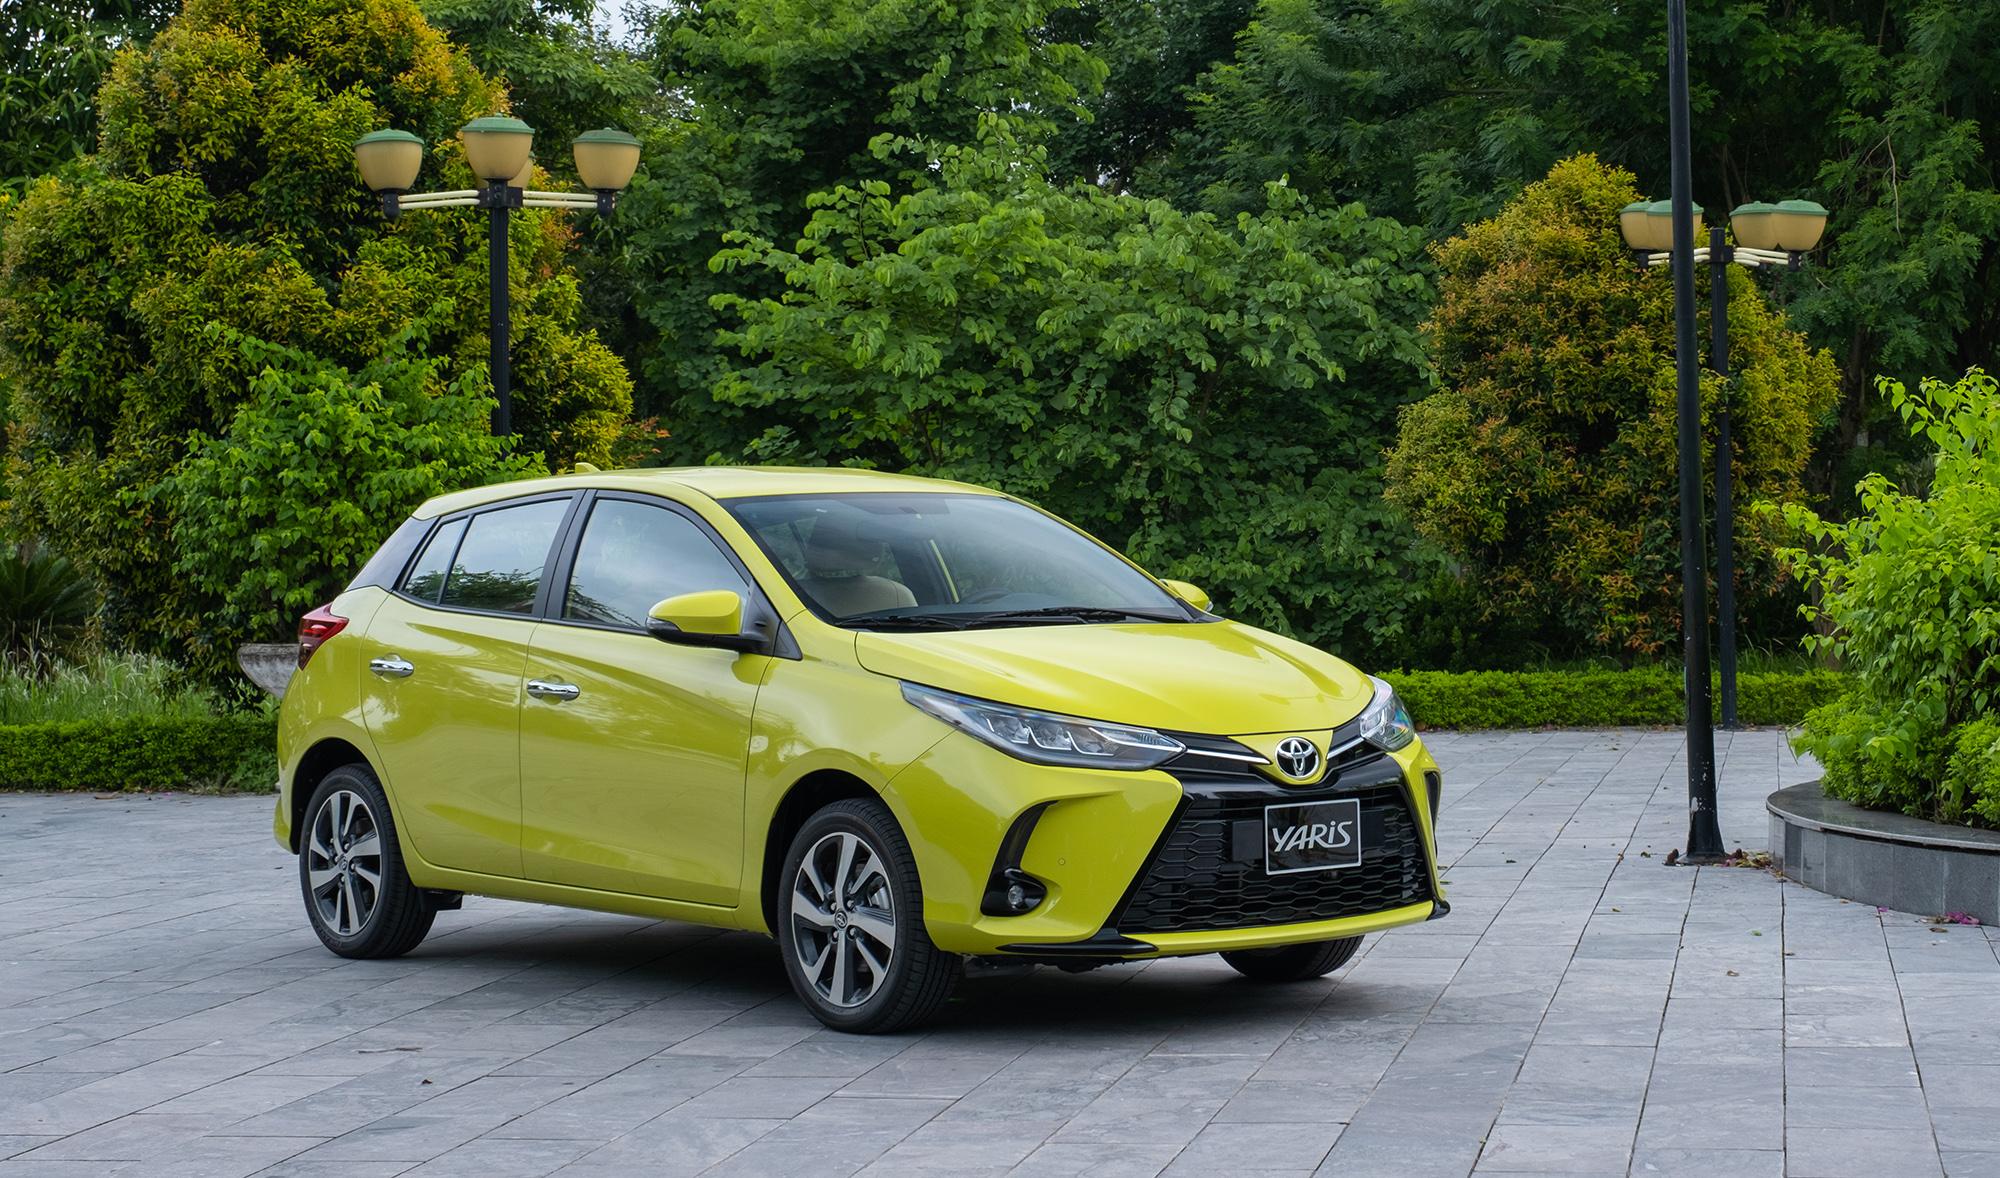 Yaris nhập khẩu Thái Lan về Việt Nam. Ảnh: Toyota